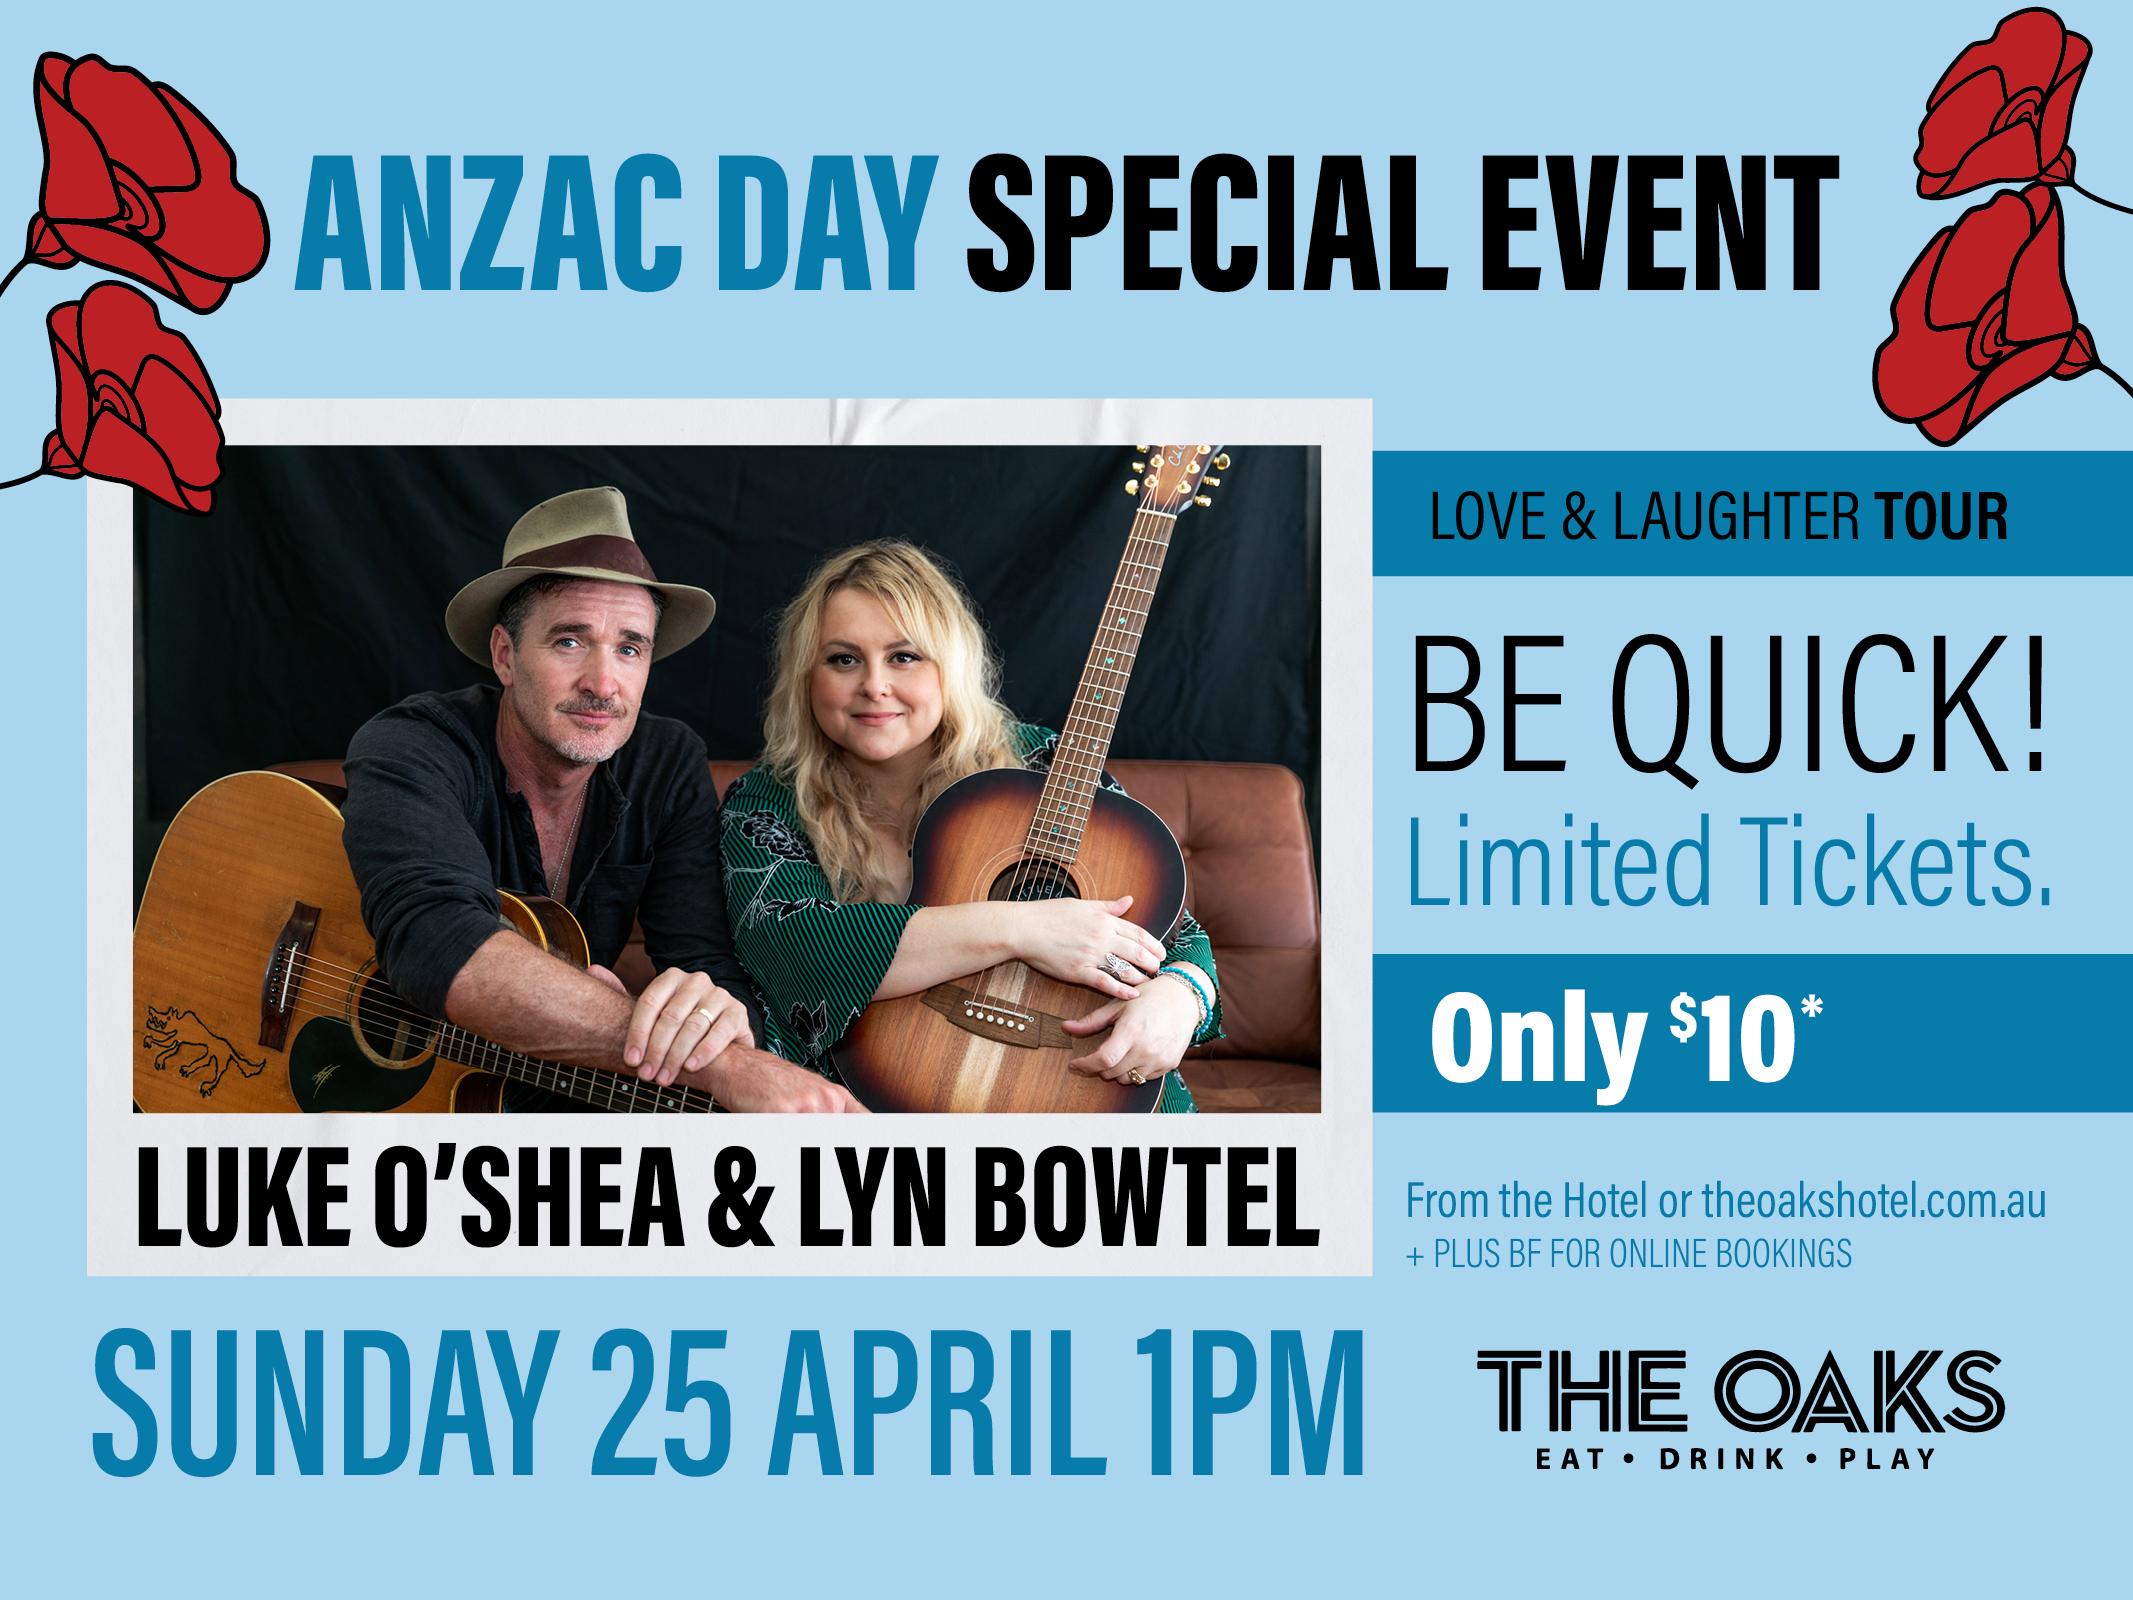 Luke O'shea & Lyn Bowtell